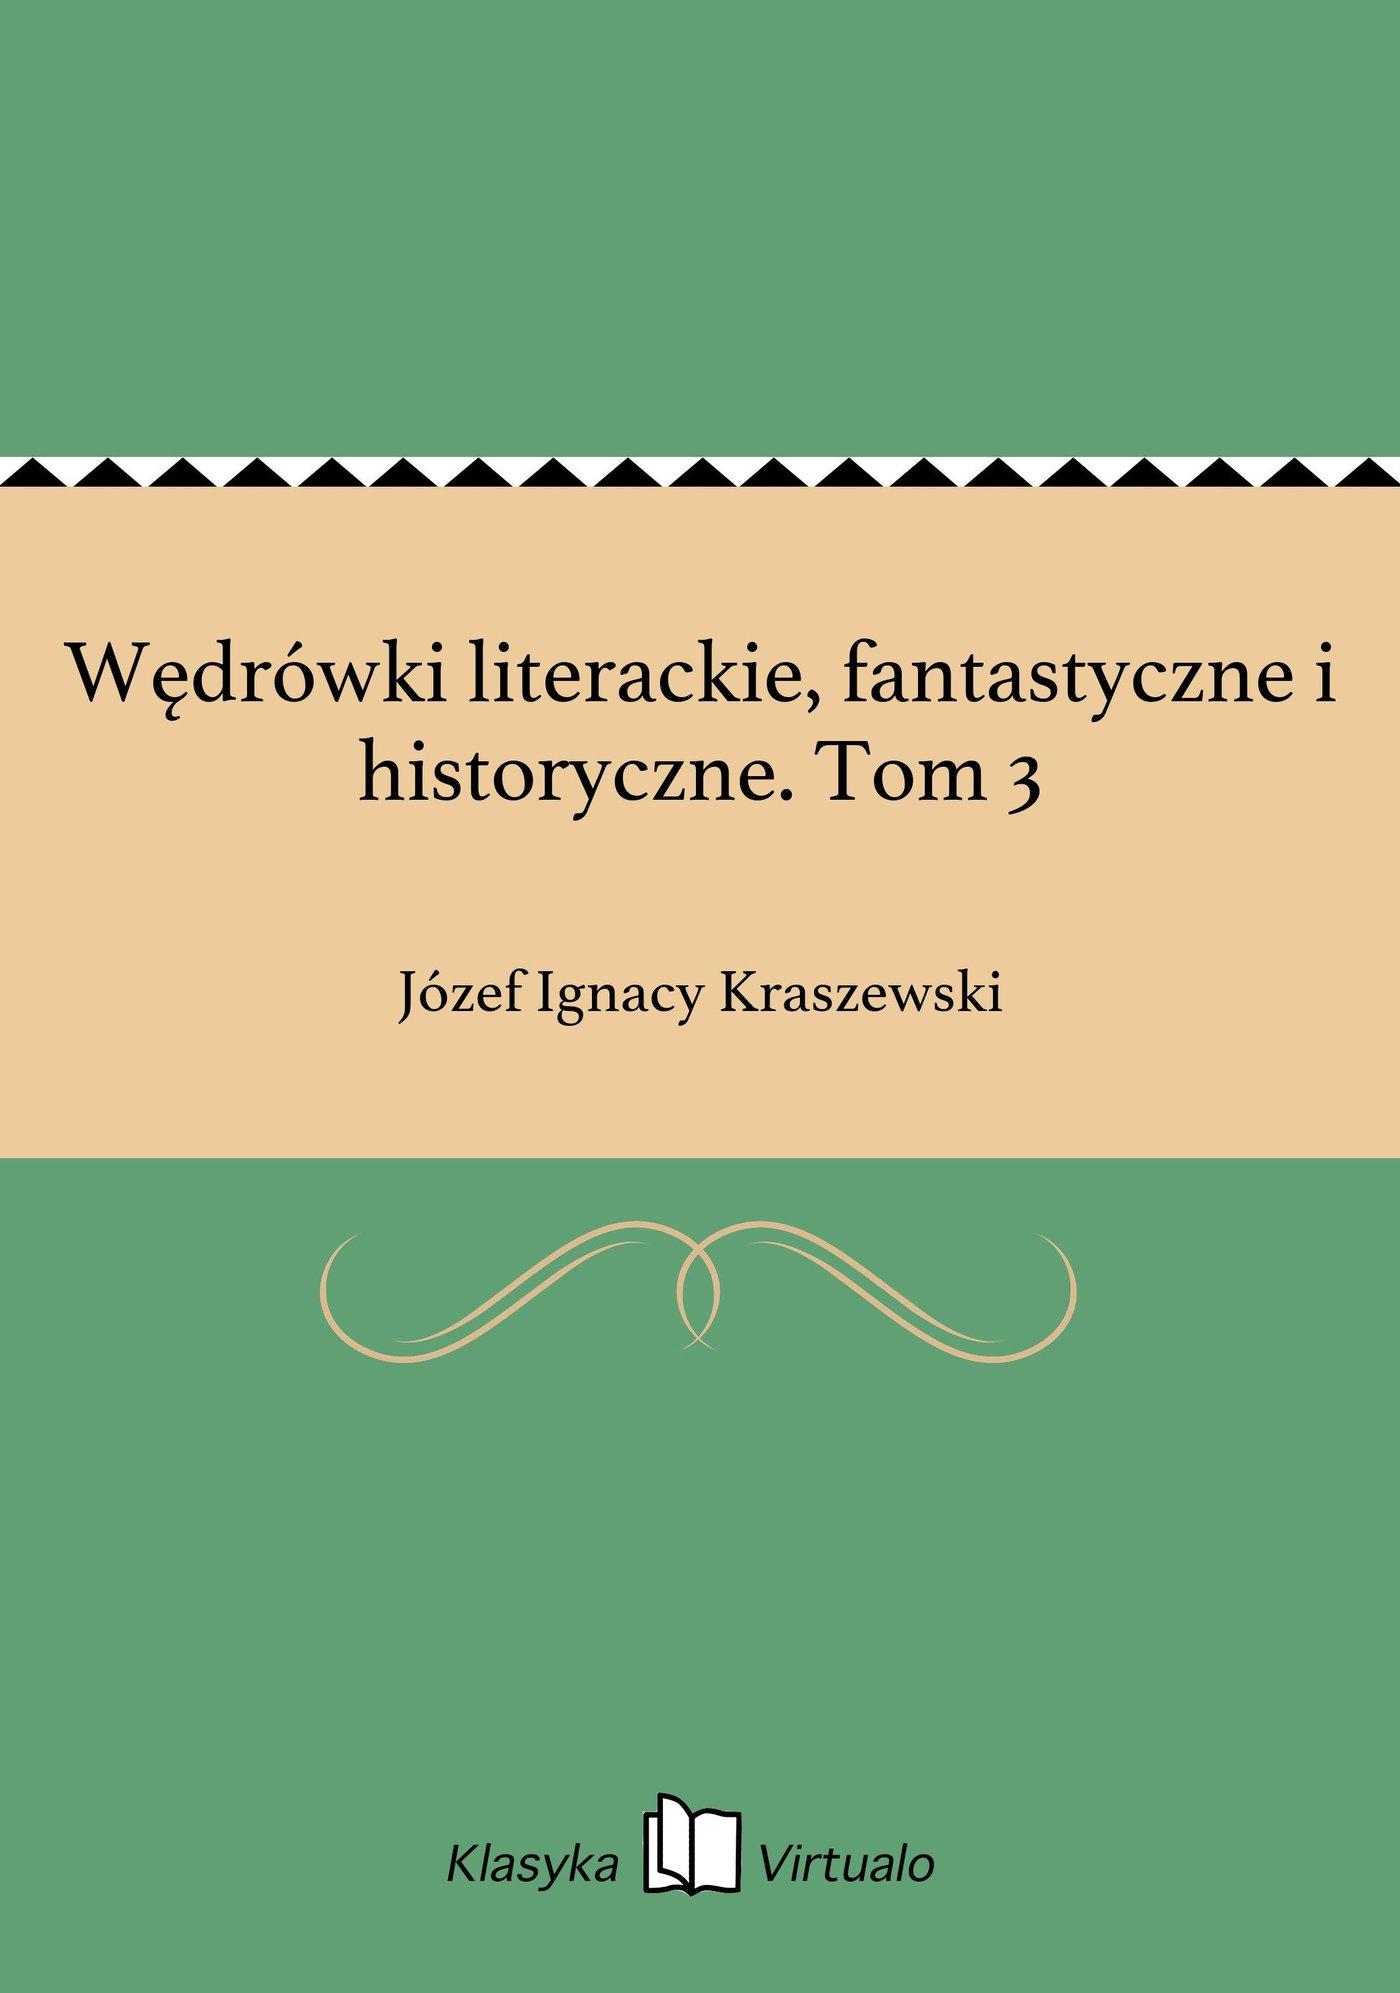 Wędrówki literackie, fantastyczne i historyczne. Tom 3 - Ebook (Książka na Kindle) do pobrania w formacie MOBI